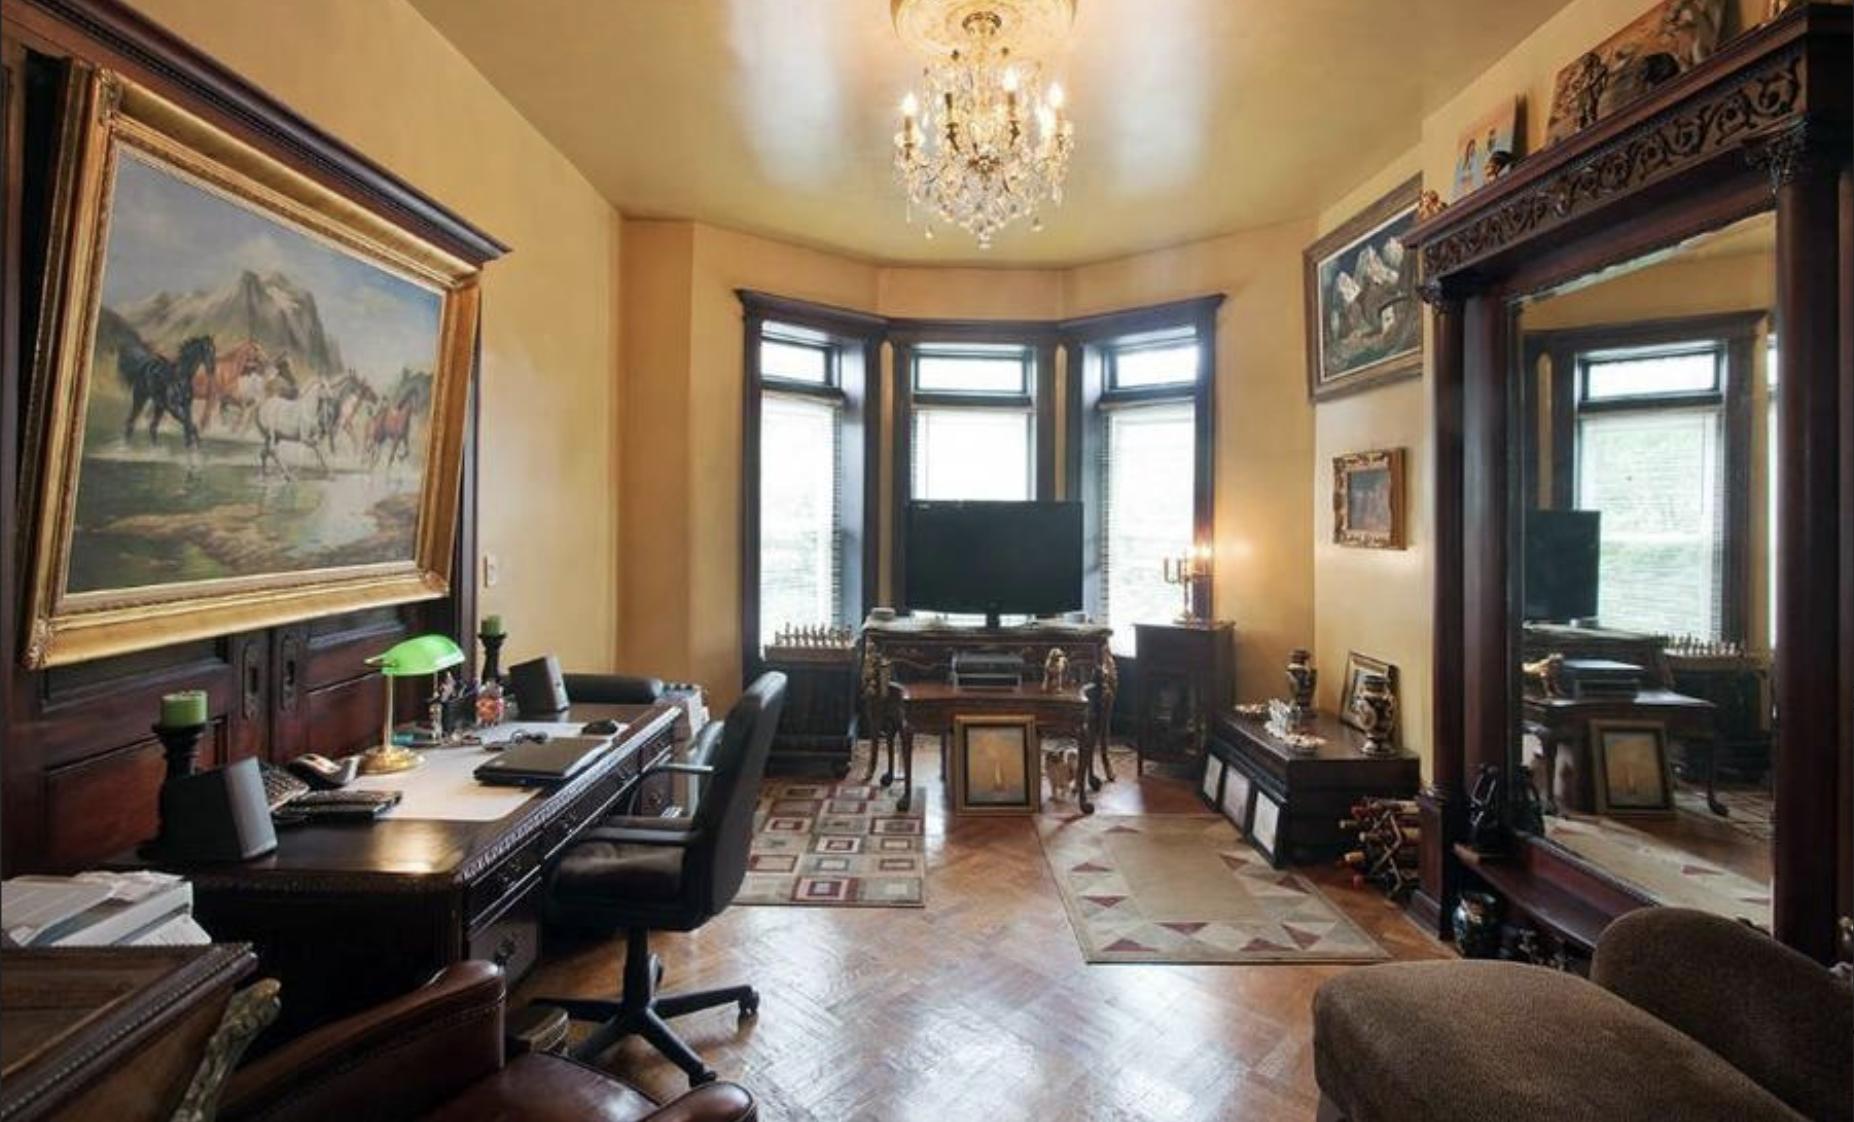 $1,200,000 8.0 BD | 3.0 BA | 3,500 SF  Crown Heights  837 Eastern Parkway  Sold